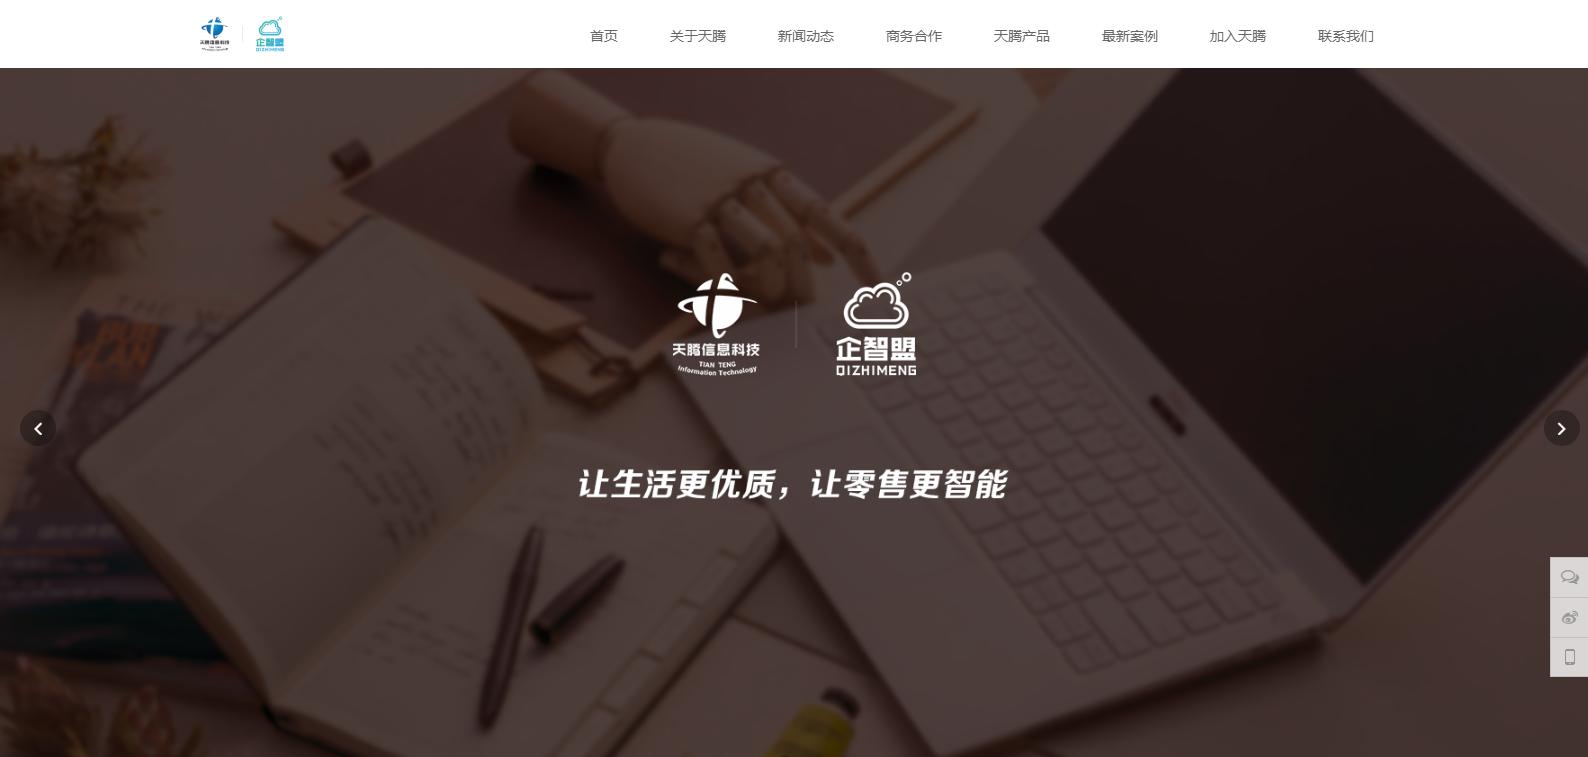 天腾(天津)信息科技有限公司